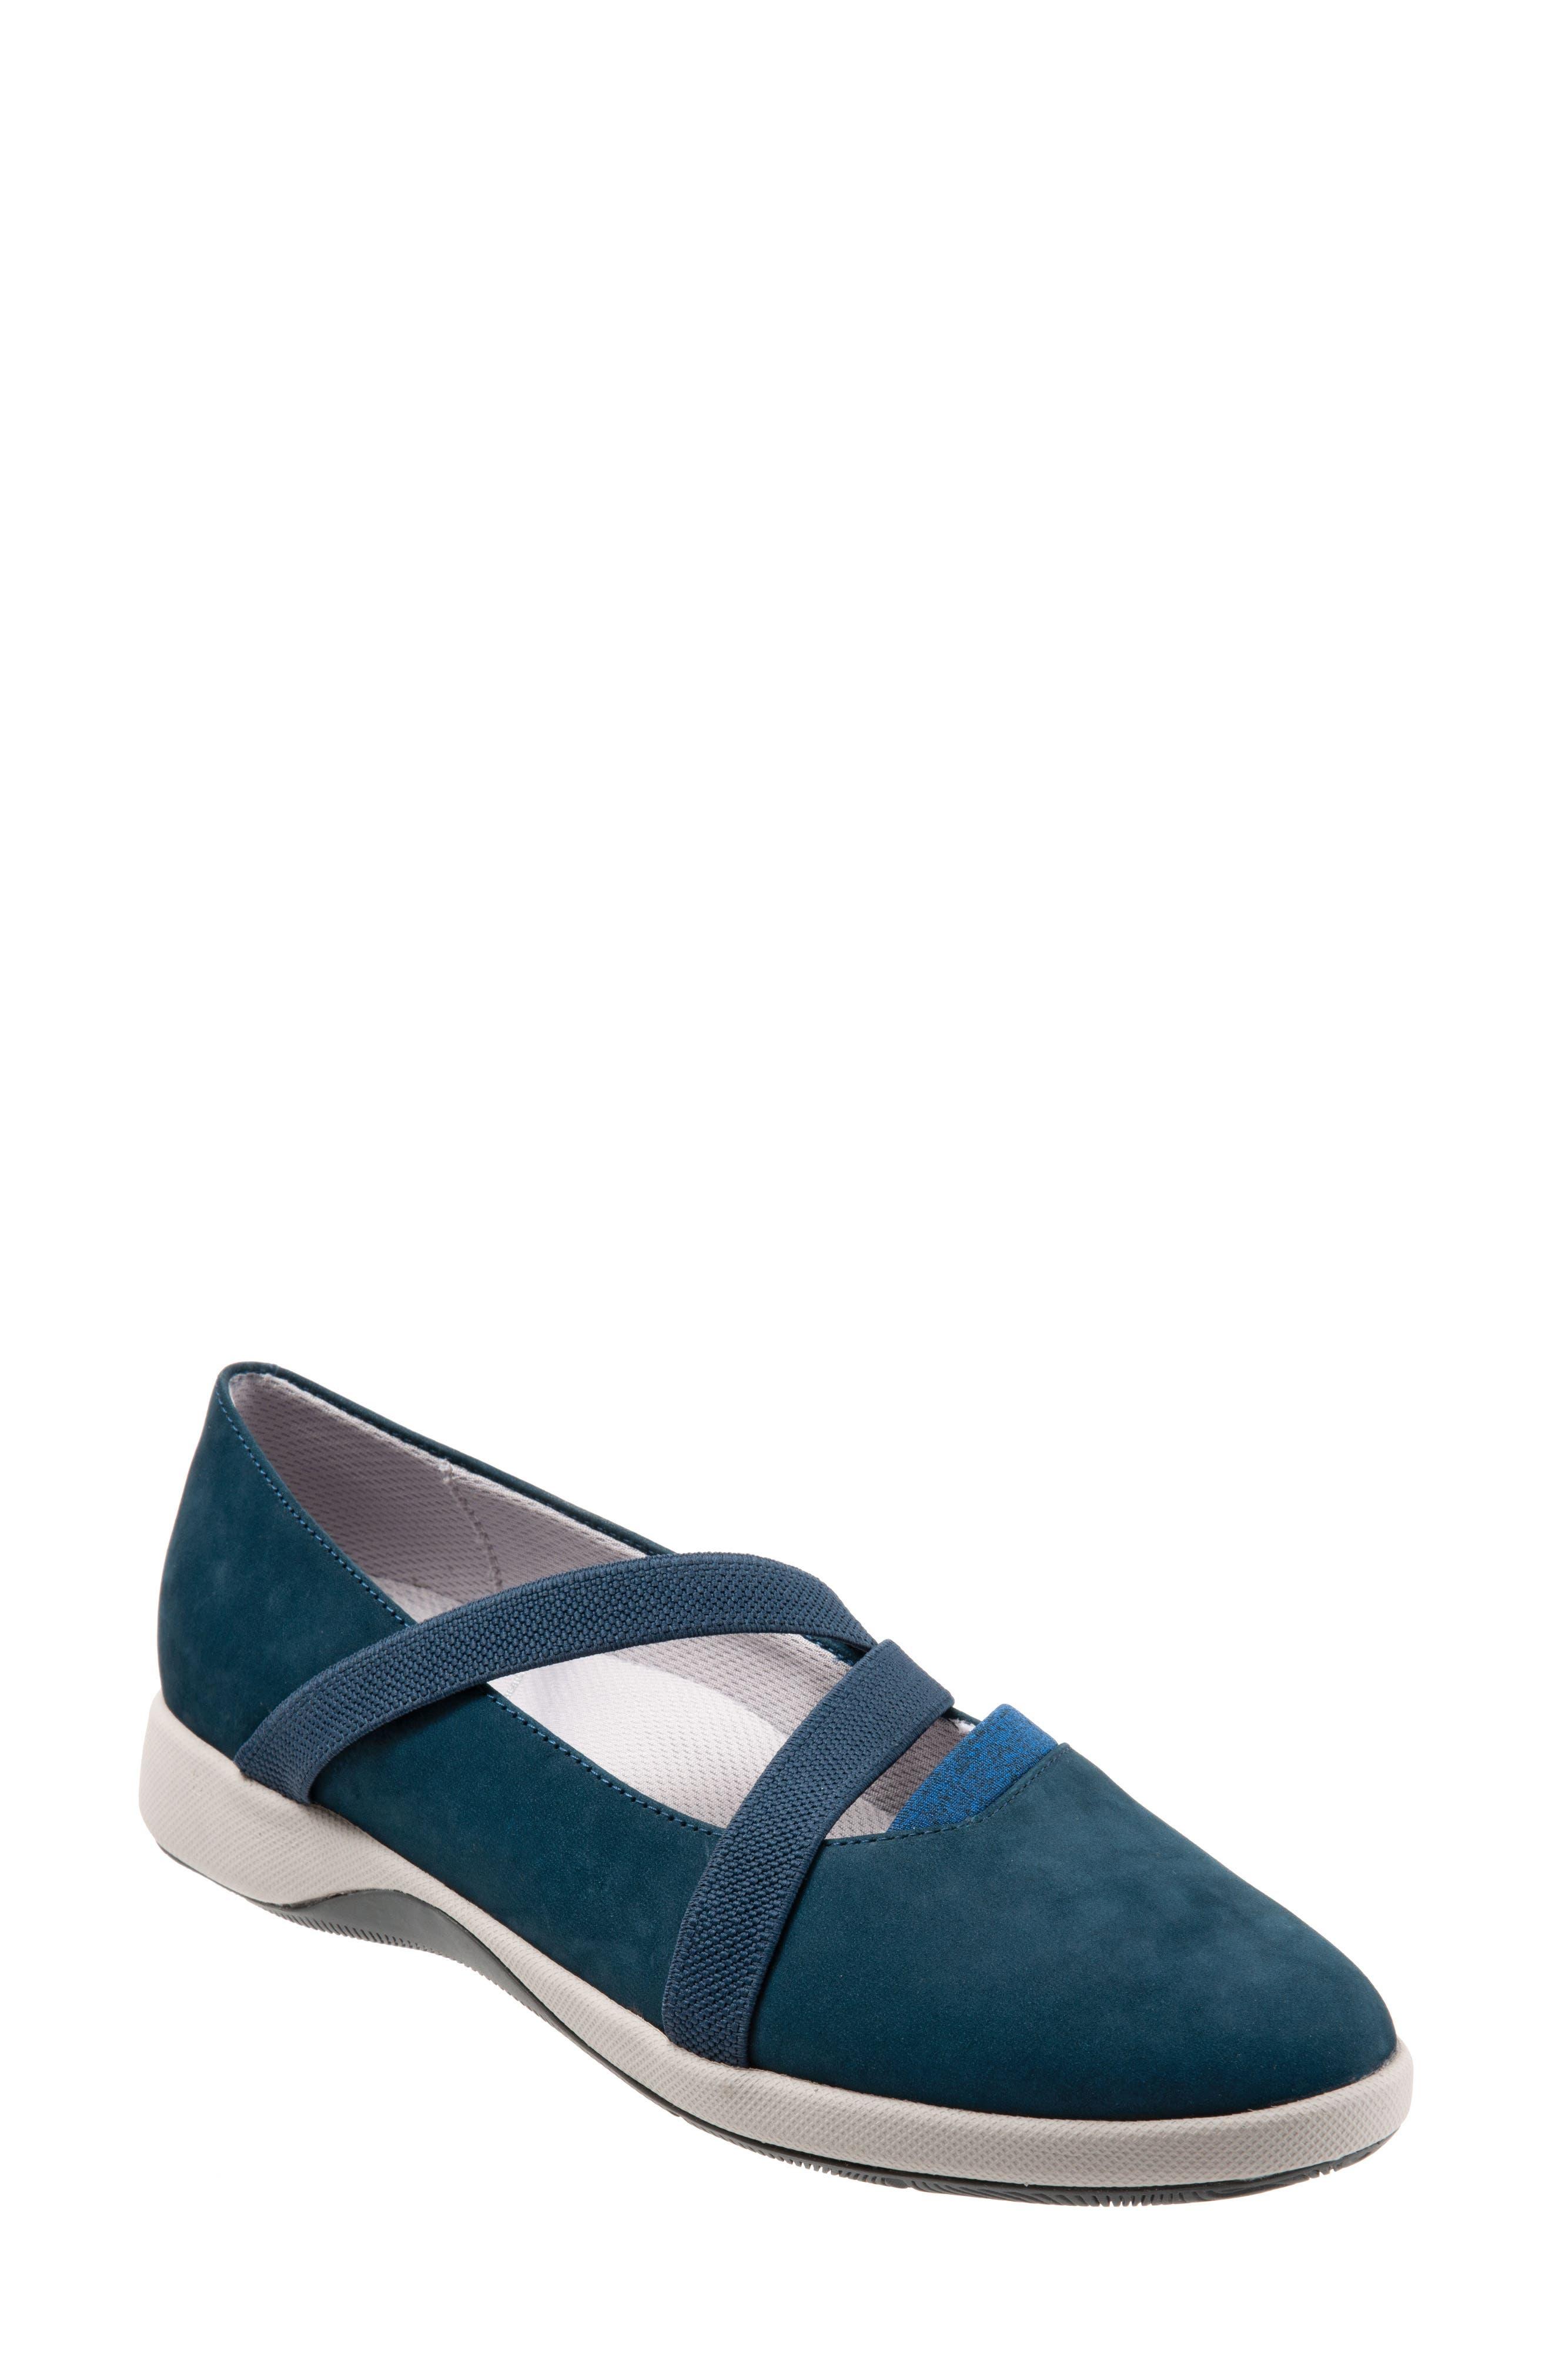 Softwalk Haely Mary Jane,- Blue